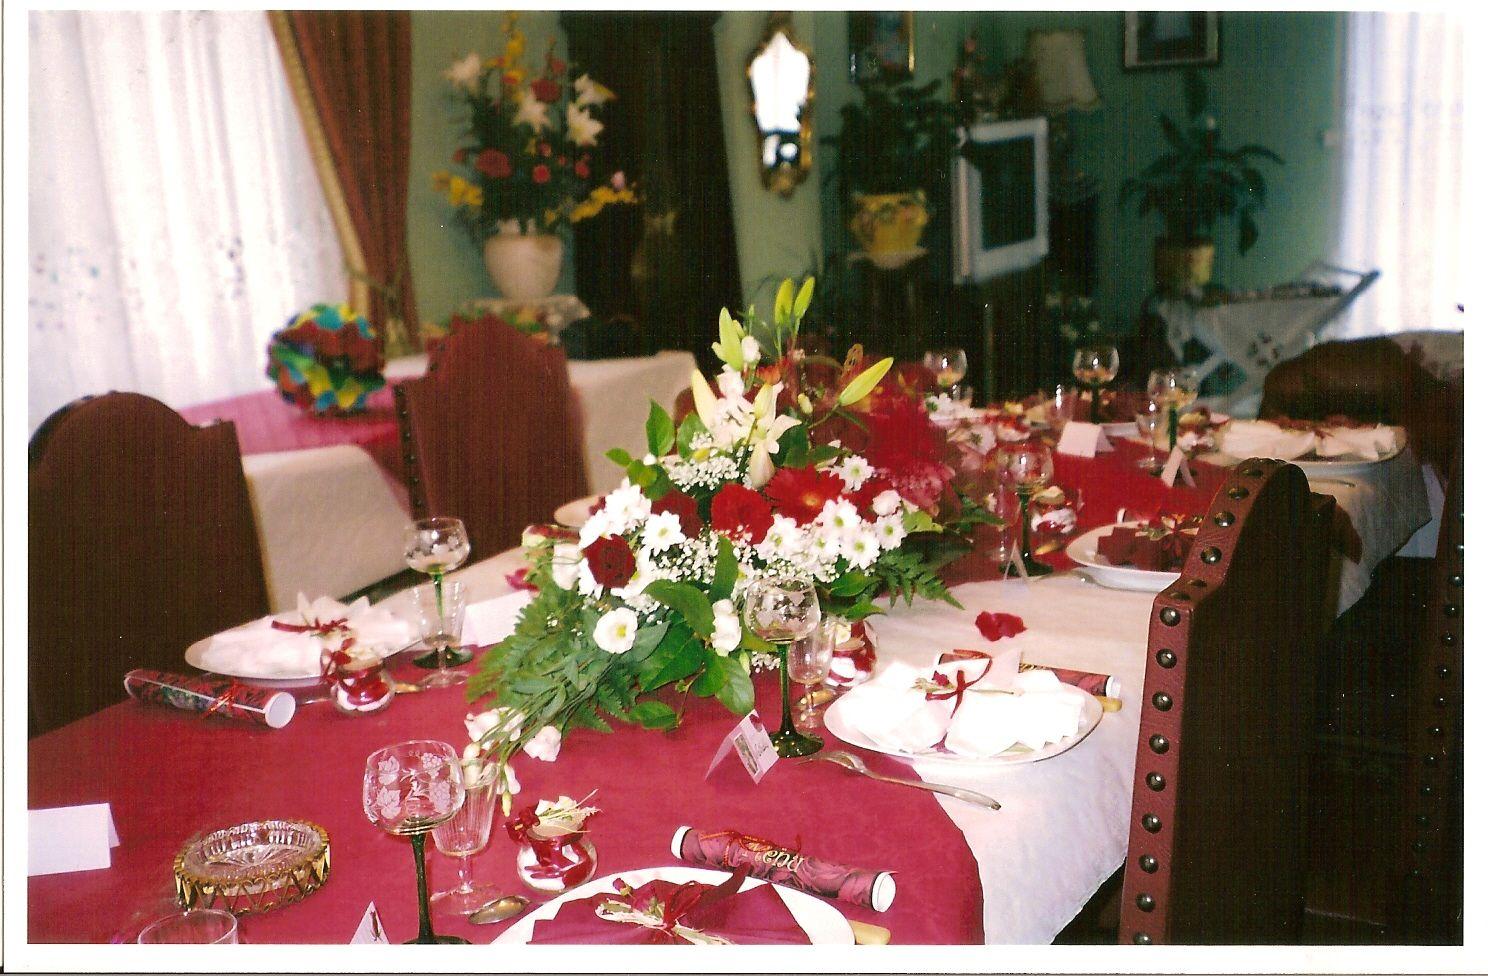 Decoration de table pliage de serviette page 2 - Decoration serviette de table ...